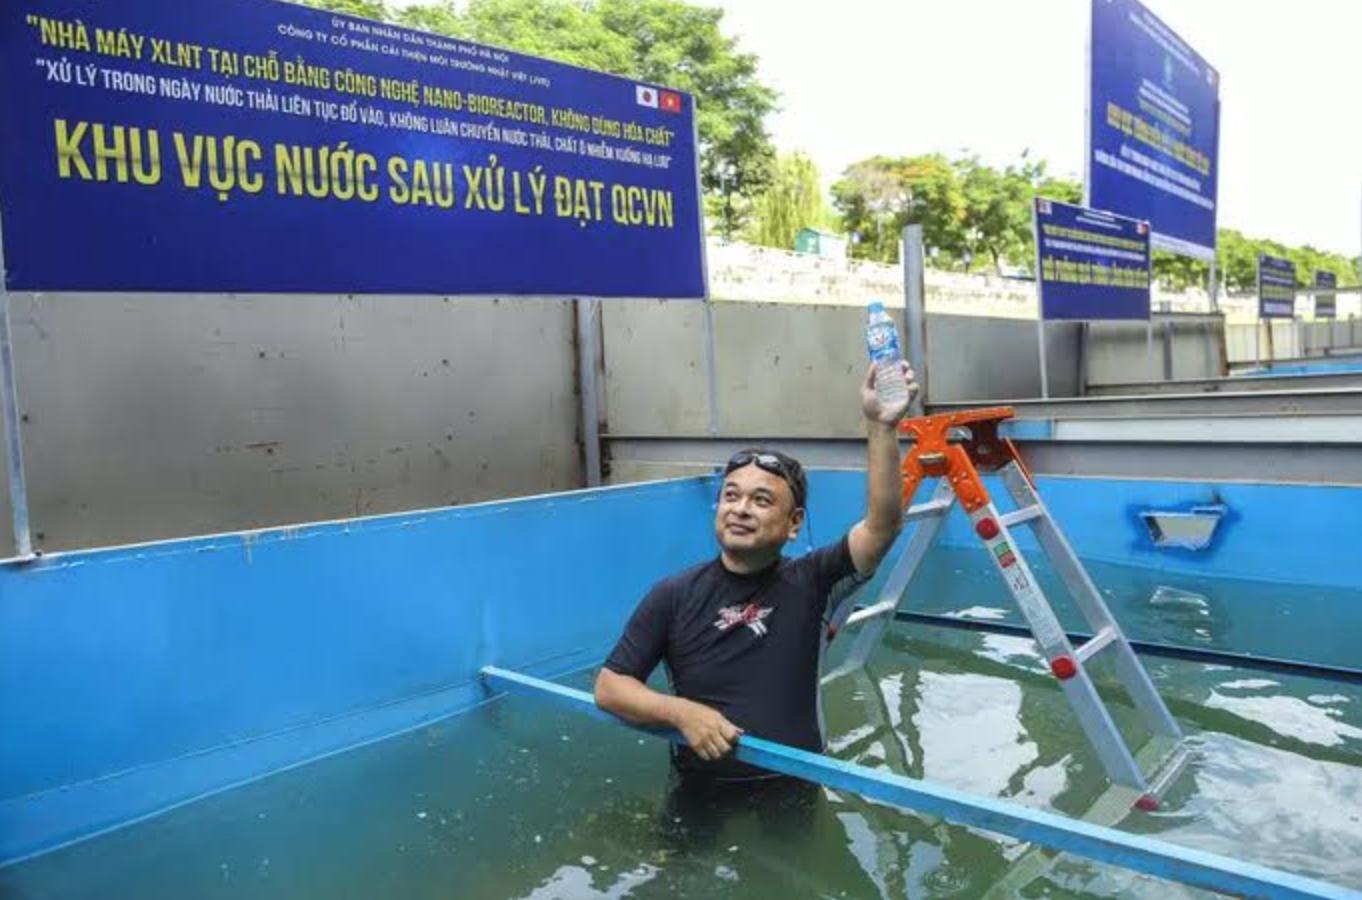 Công ty Nhật lại tố cáo nhà cầm quyền Hà Nội nói sai sự thật vụ làm sạch sông Tô Lịch